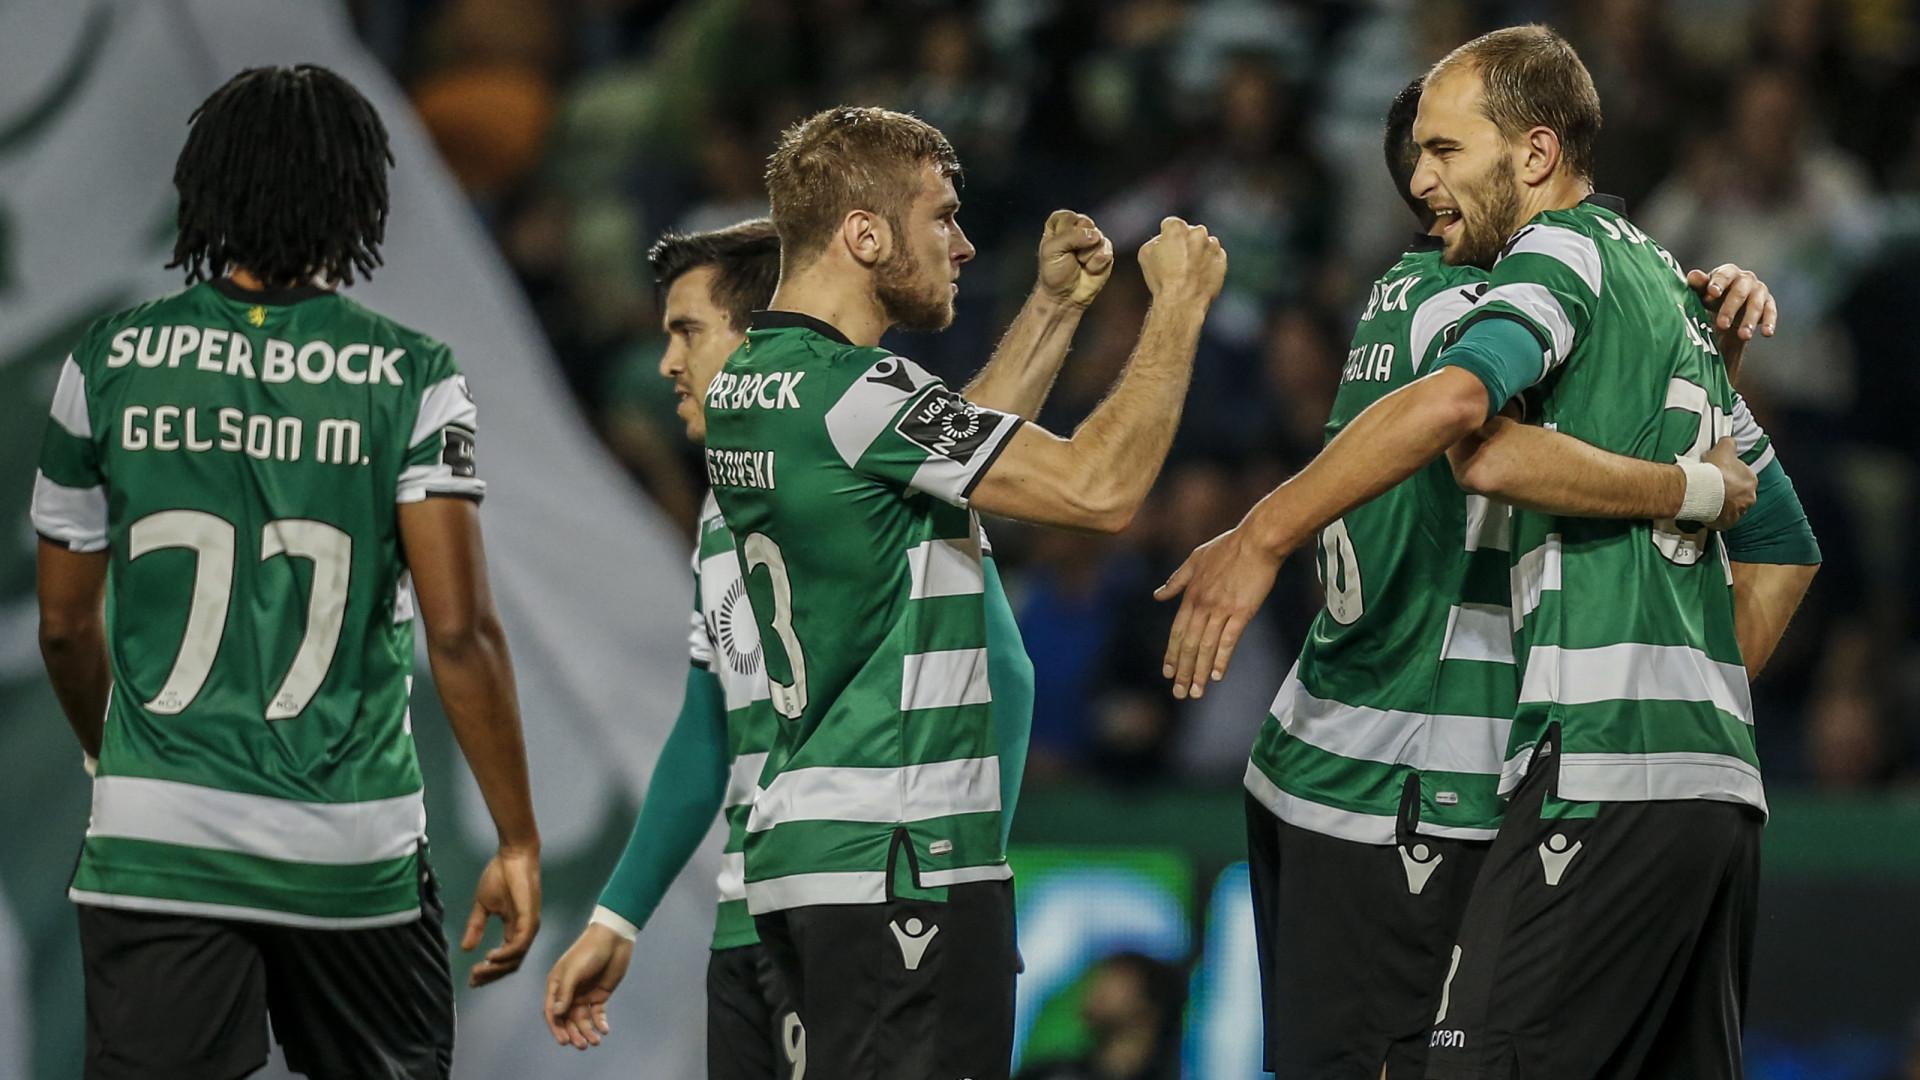 'Muro' de Alvalade continua sem cair e Dost continua a 'penalizar' rivais